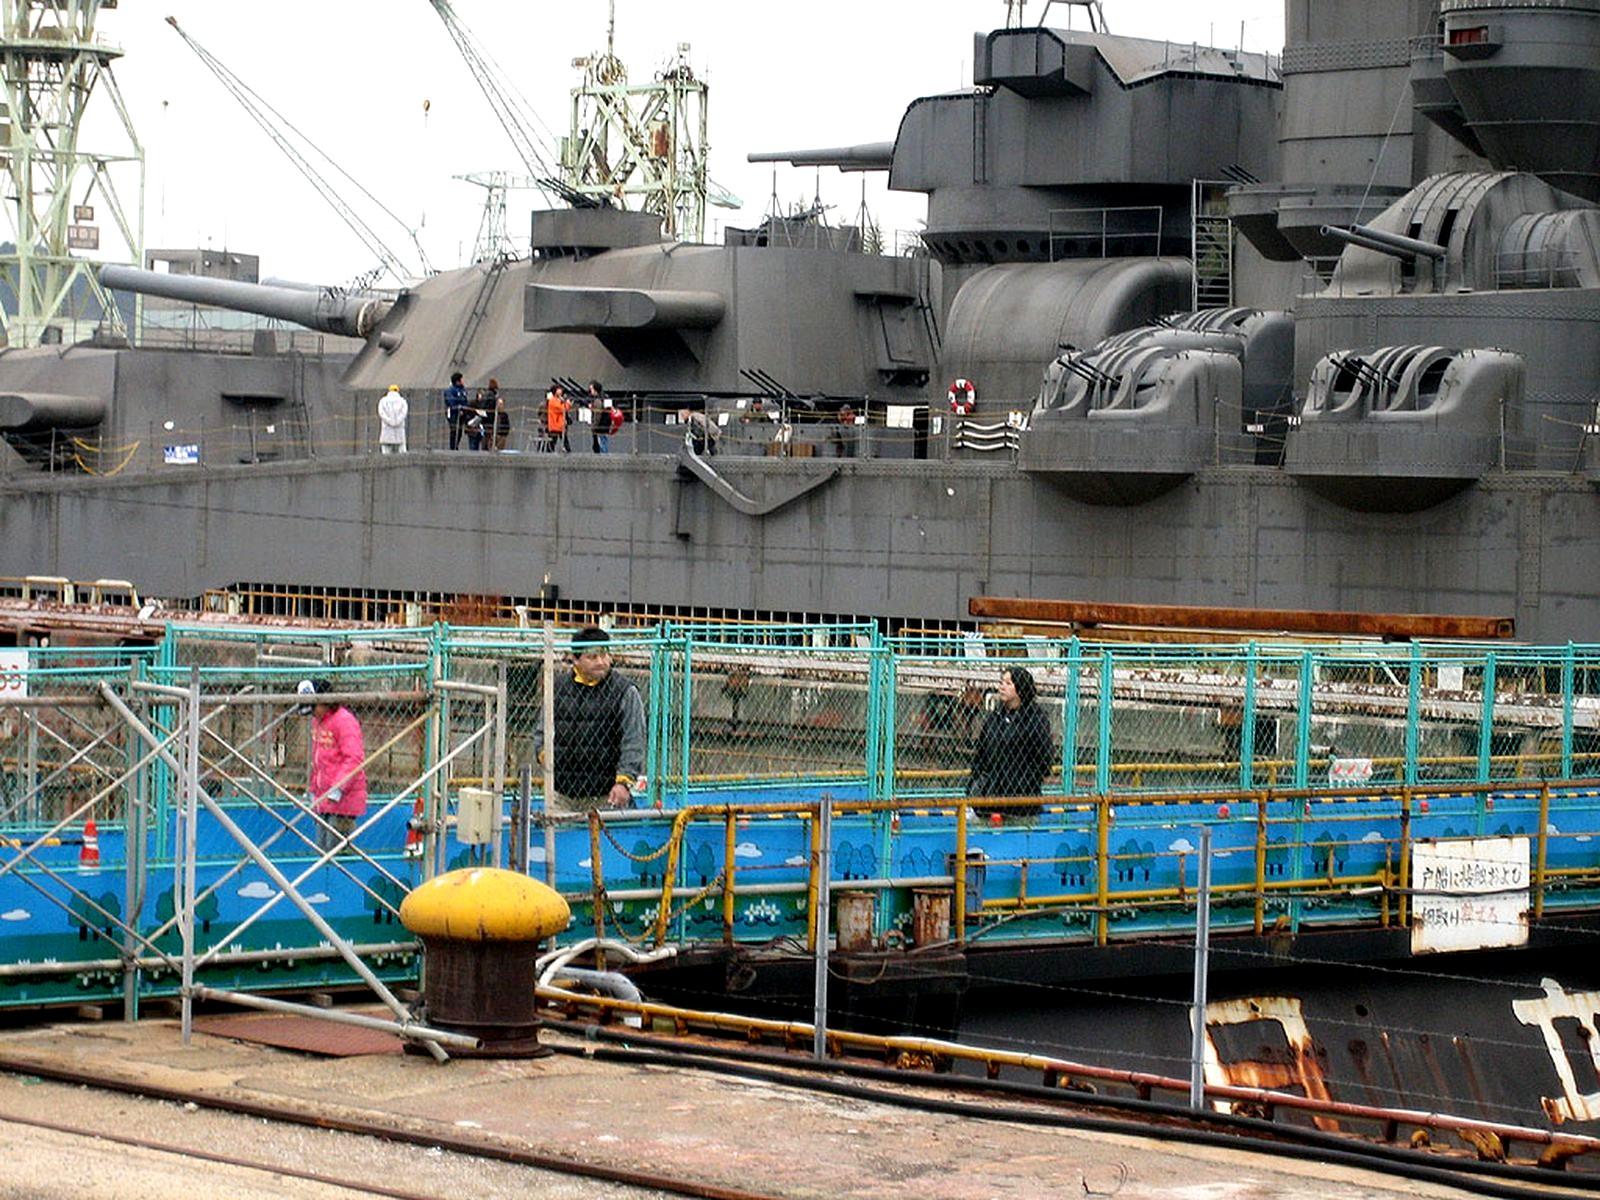 File:Battleship YAMATO full size.jpg - Wikimedia Commons